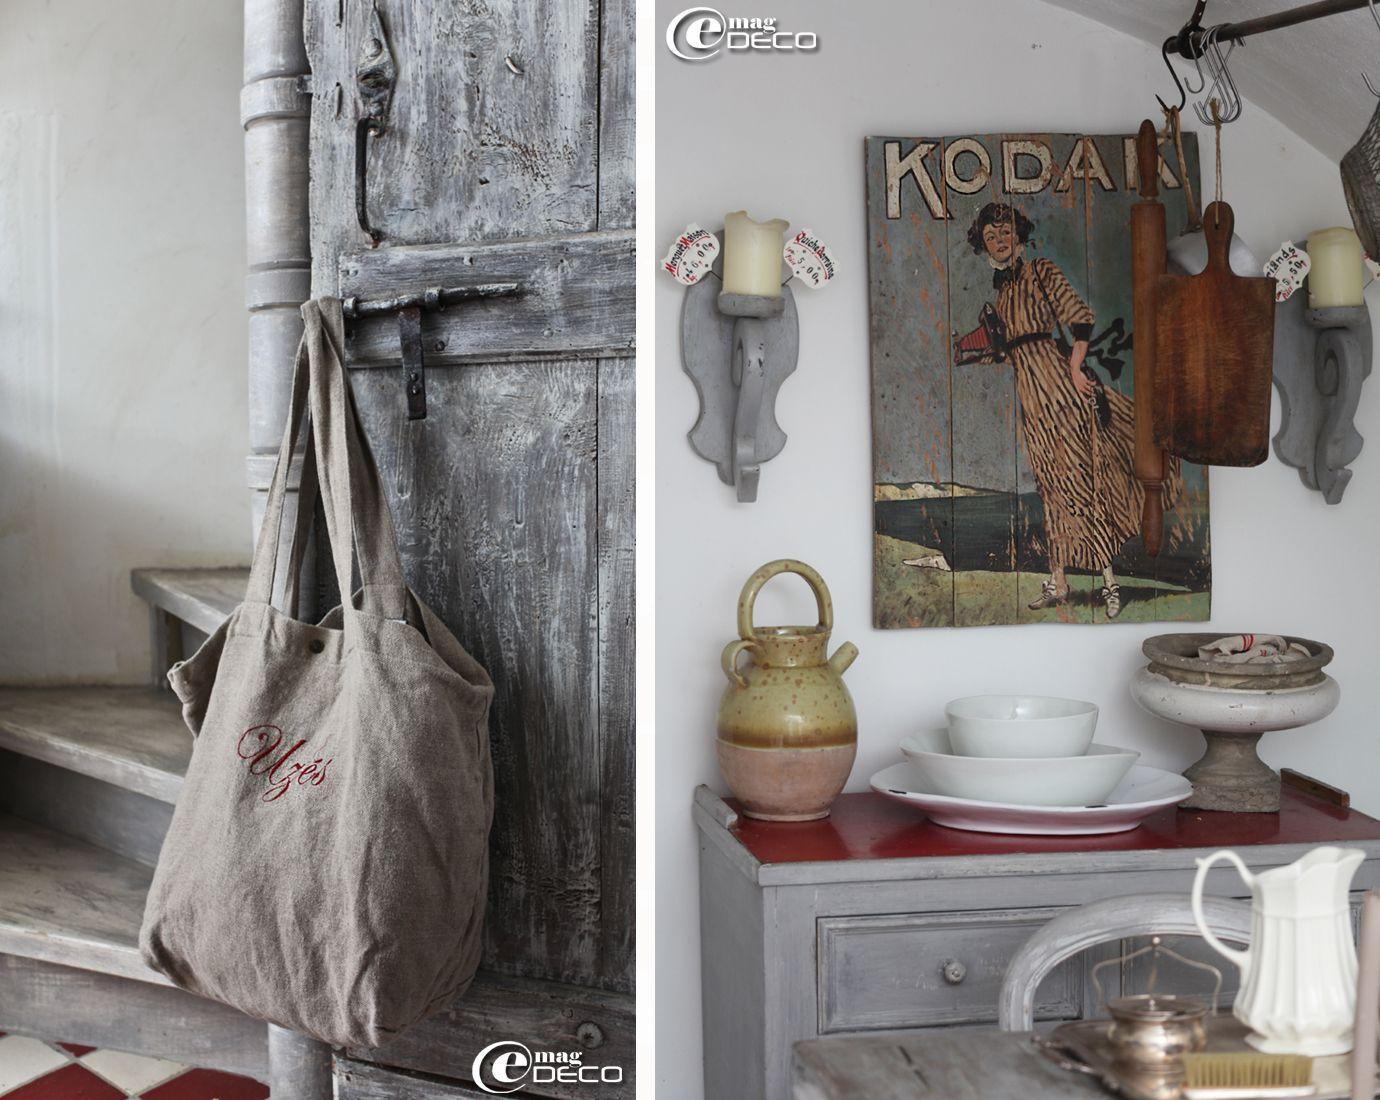 Buffet et ancienne affiche Kodak chinés à Uzès